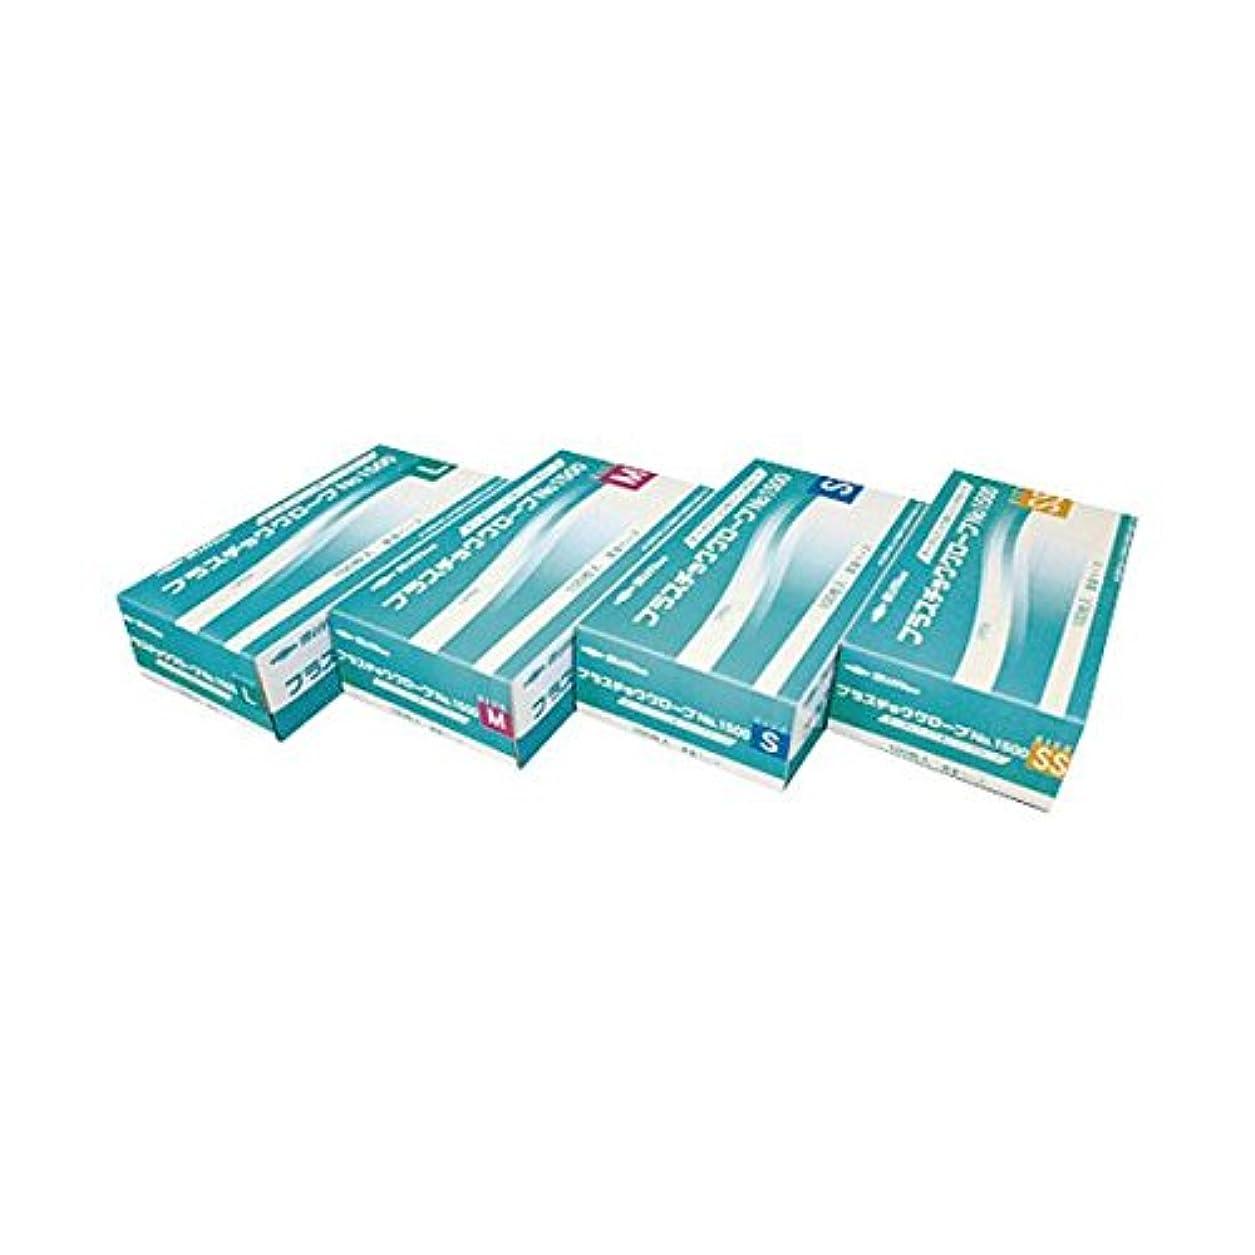 共和 プラスチックグローブNo1500 S ds-1915782